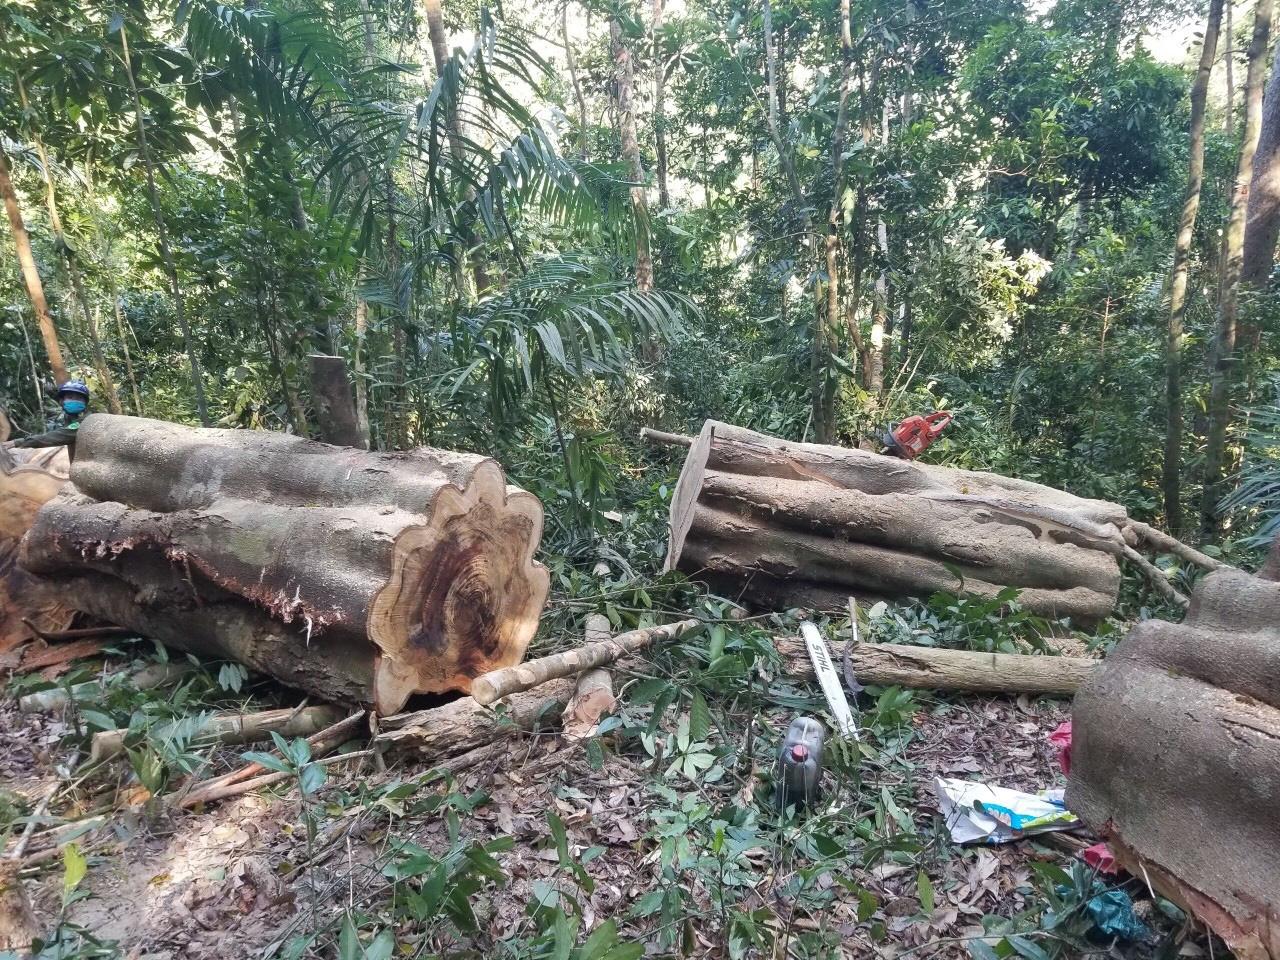 Lâm tặc đem cưa máy phá rừng Kông Chro - Ảnh 1.